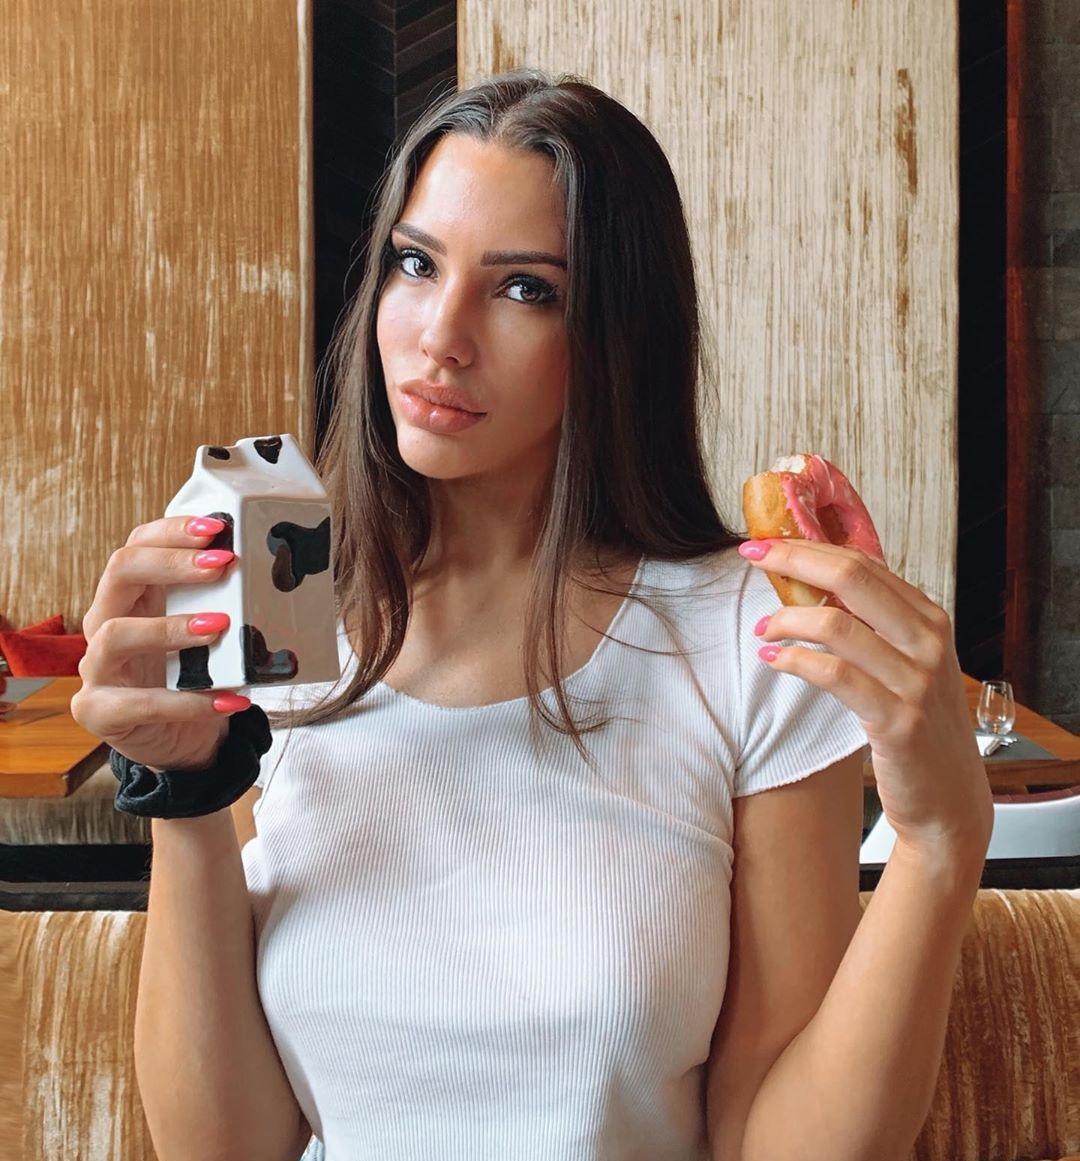 Paige-Woolen-Wallpapers-Insta-Fit-Bio-6